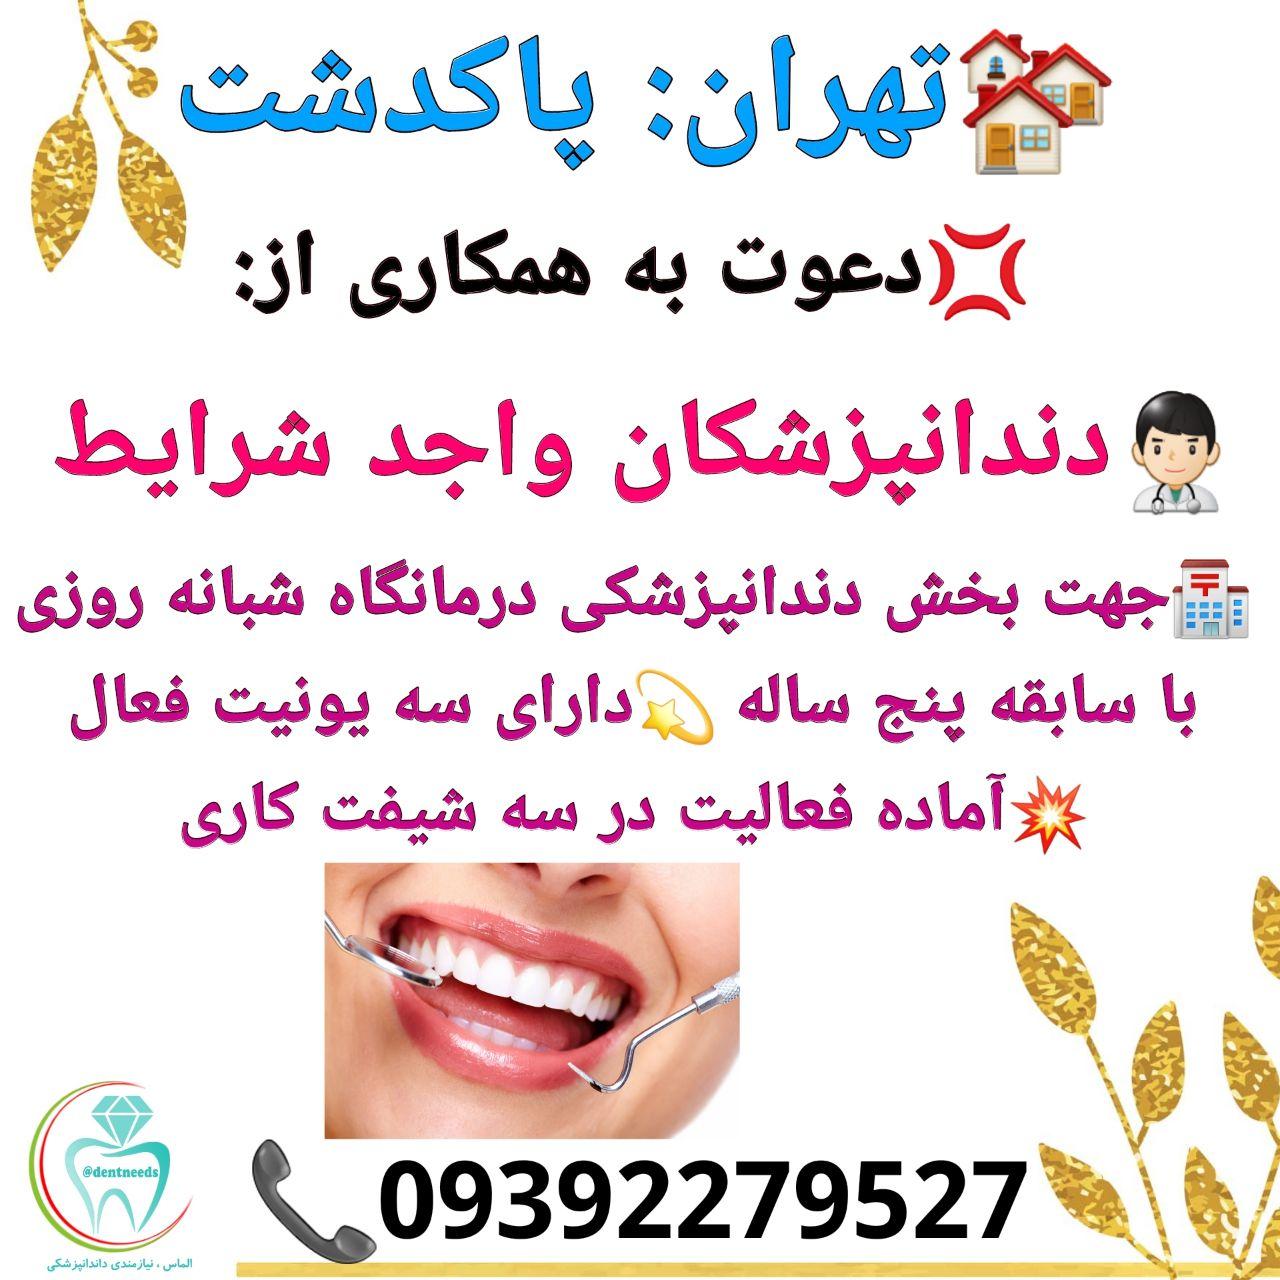 تهران: پاکدشت، دعوت به همکاری از دندانپزشکان واجد شرایط